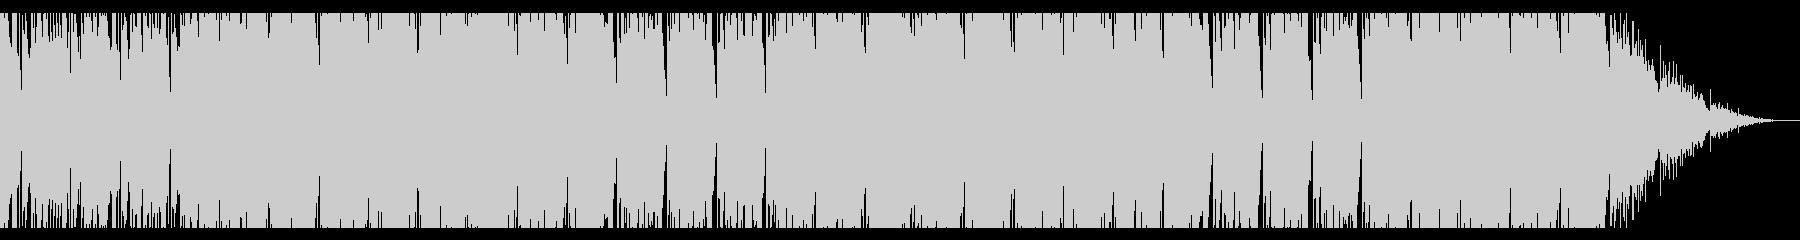 エネルギッシュでパワフルな切ないBGMの未再生の波形